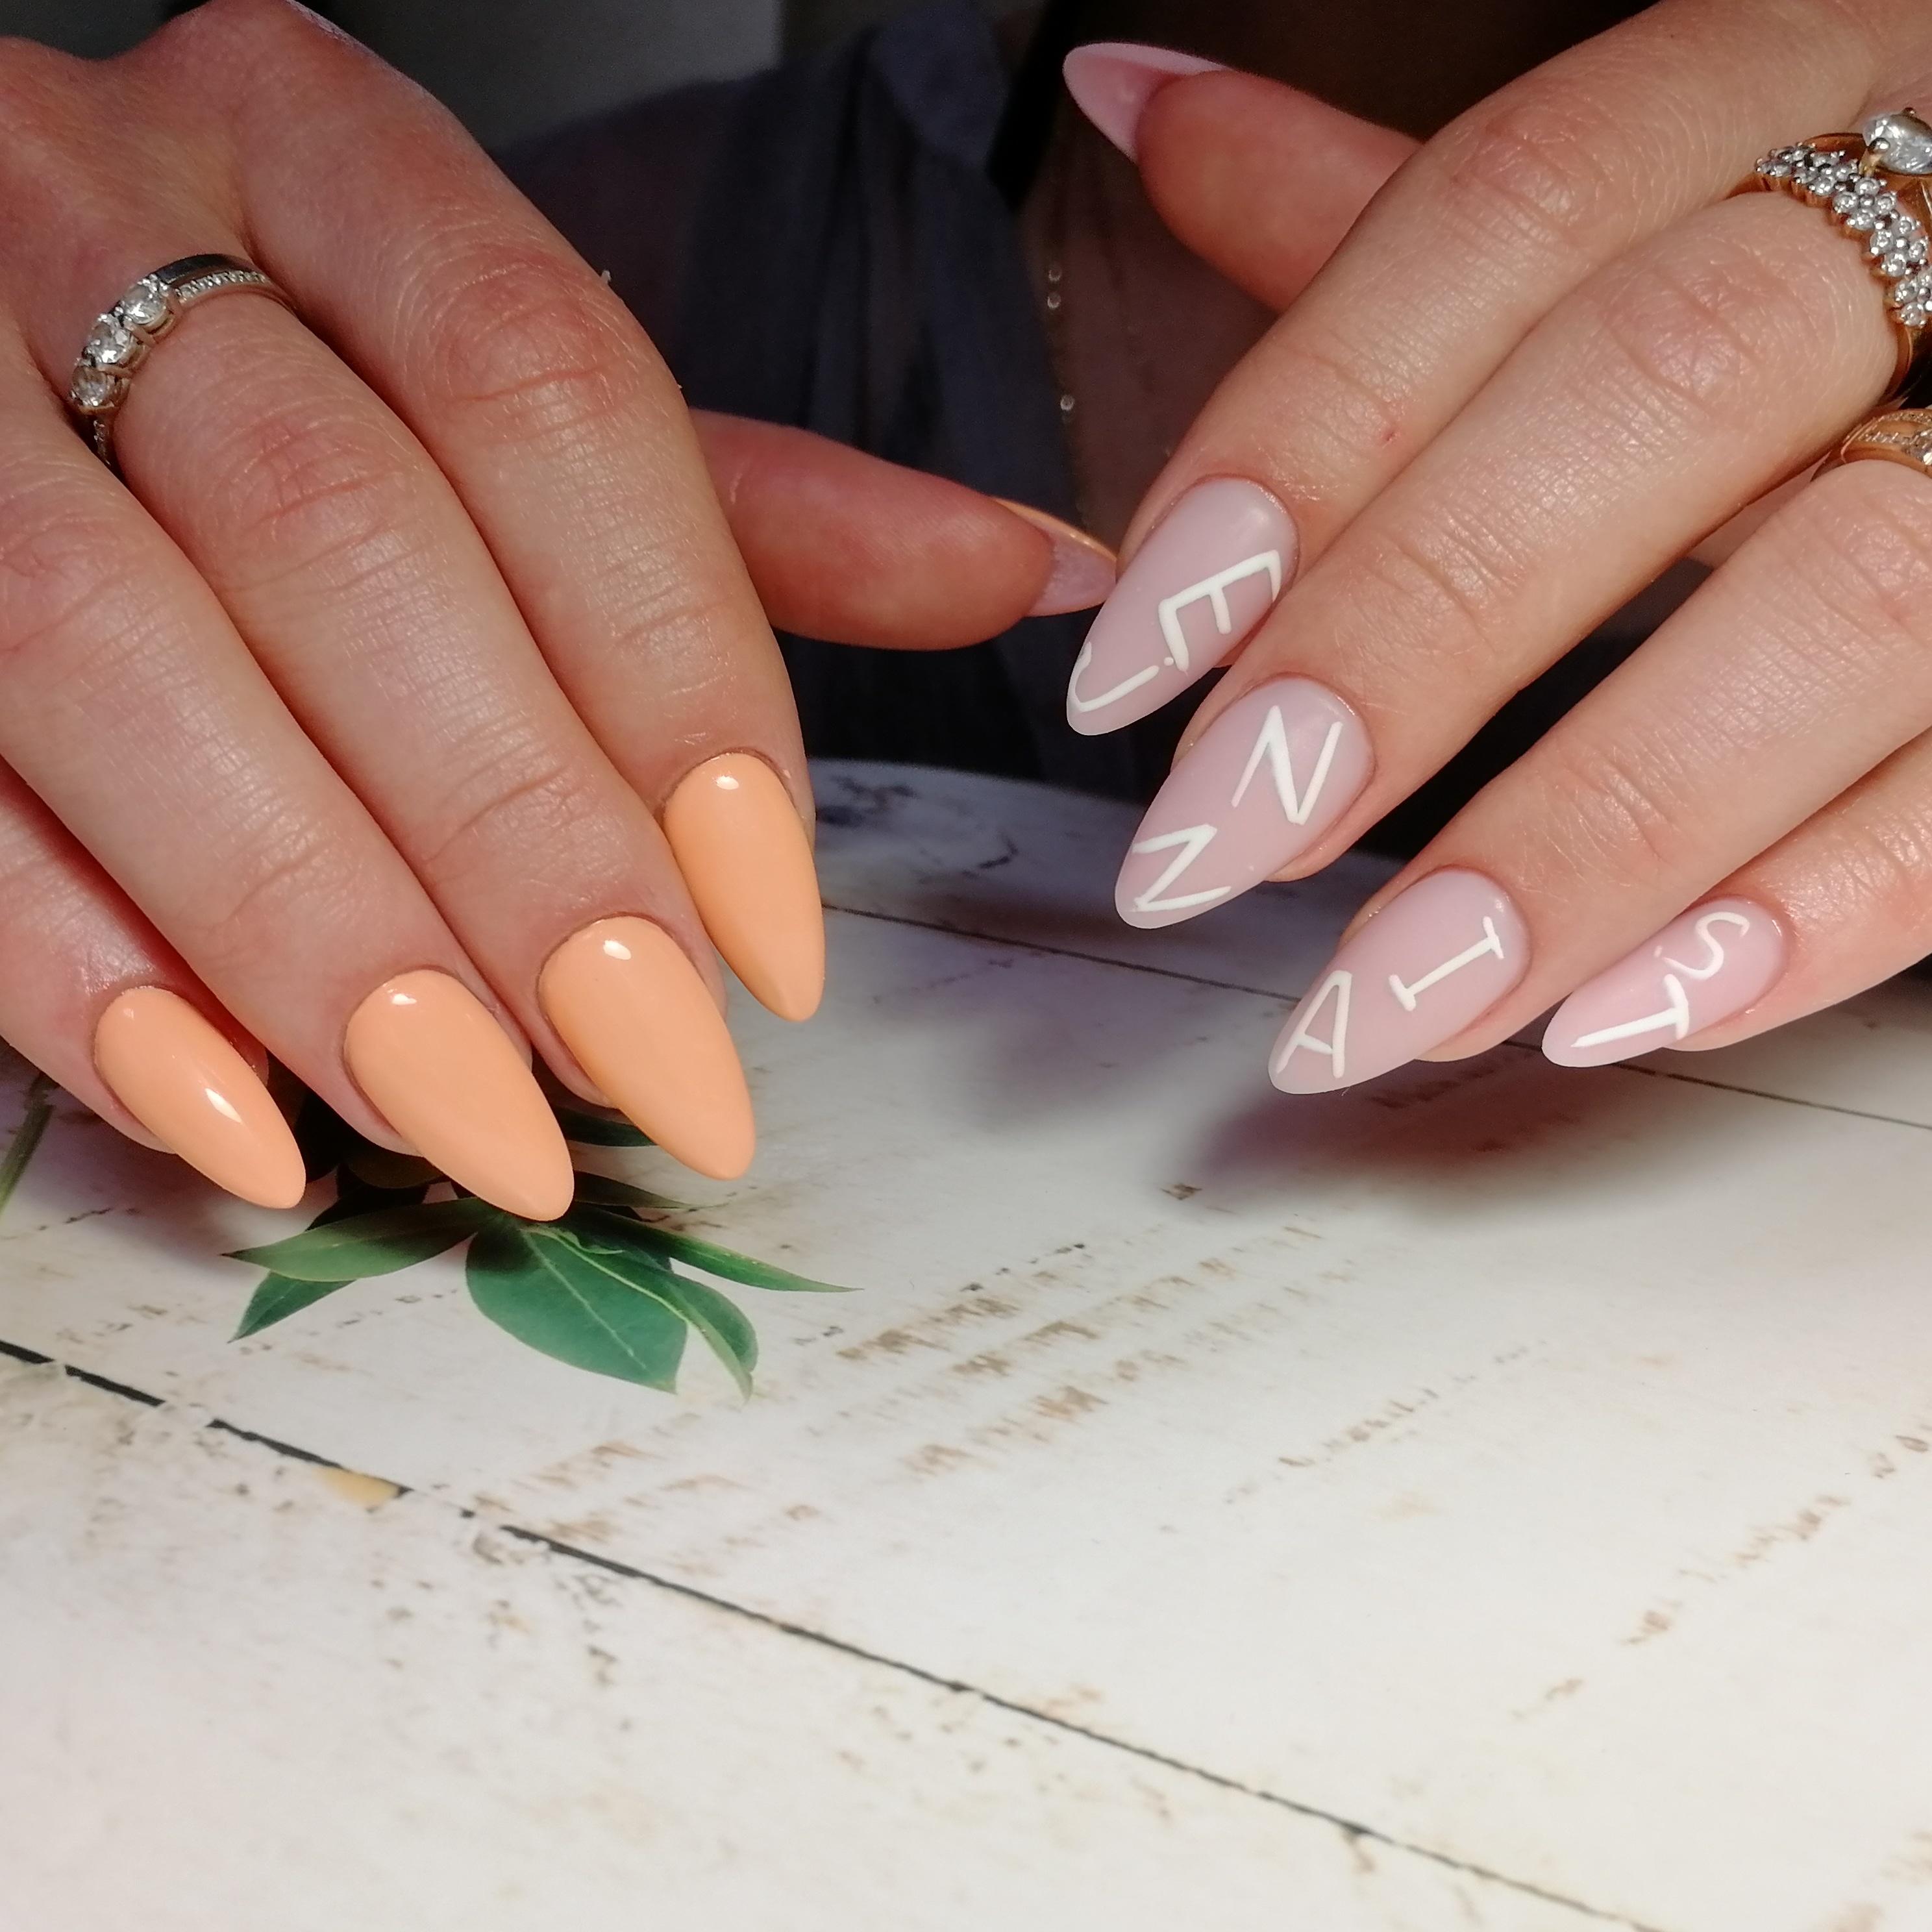 Контрастный маникюр с надписями на длинные ногти.